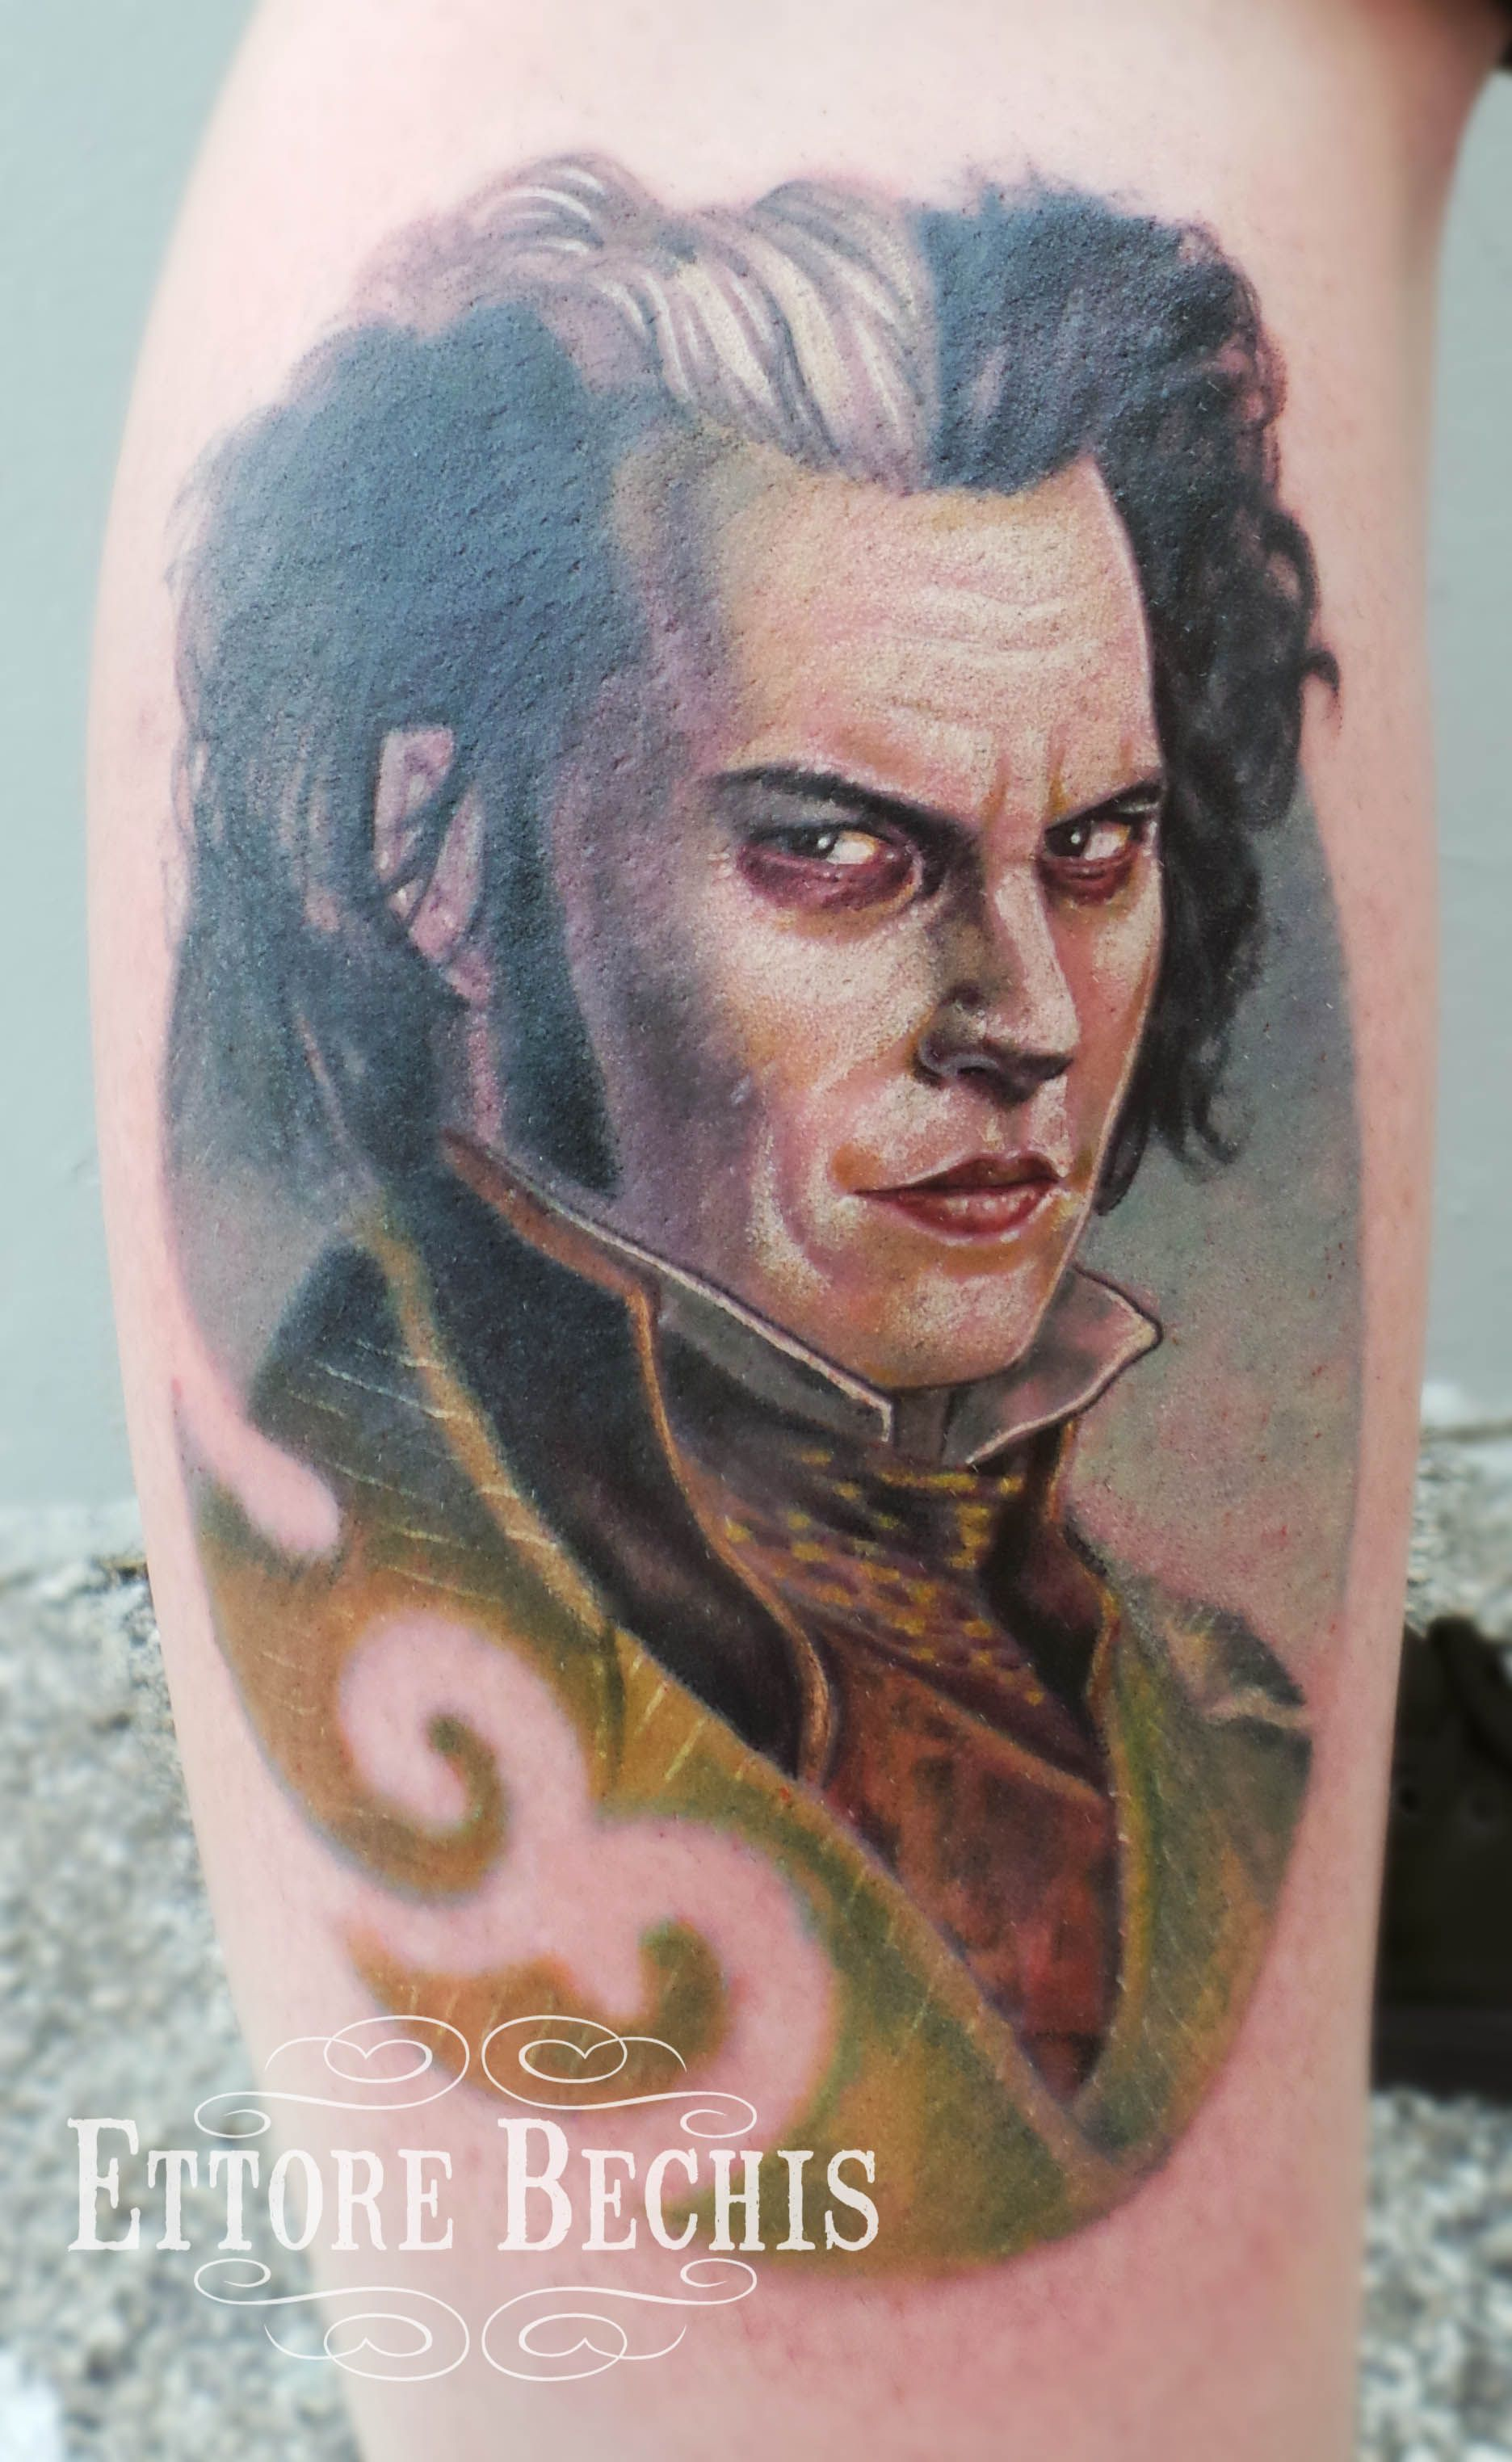 01ff957e1 www.ettore-bechis.com Best Miami tattoo shop Sweeney Todd,Portrait,tattoo  designer,tattoo tattoo designs,Tattoo Design,tattoo design ideas,flash  tattoo ...